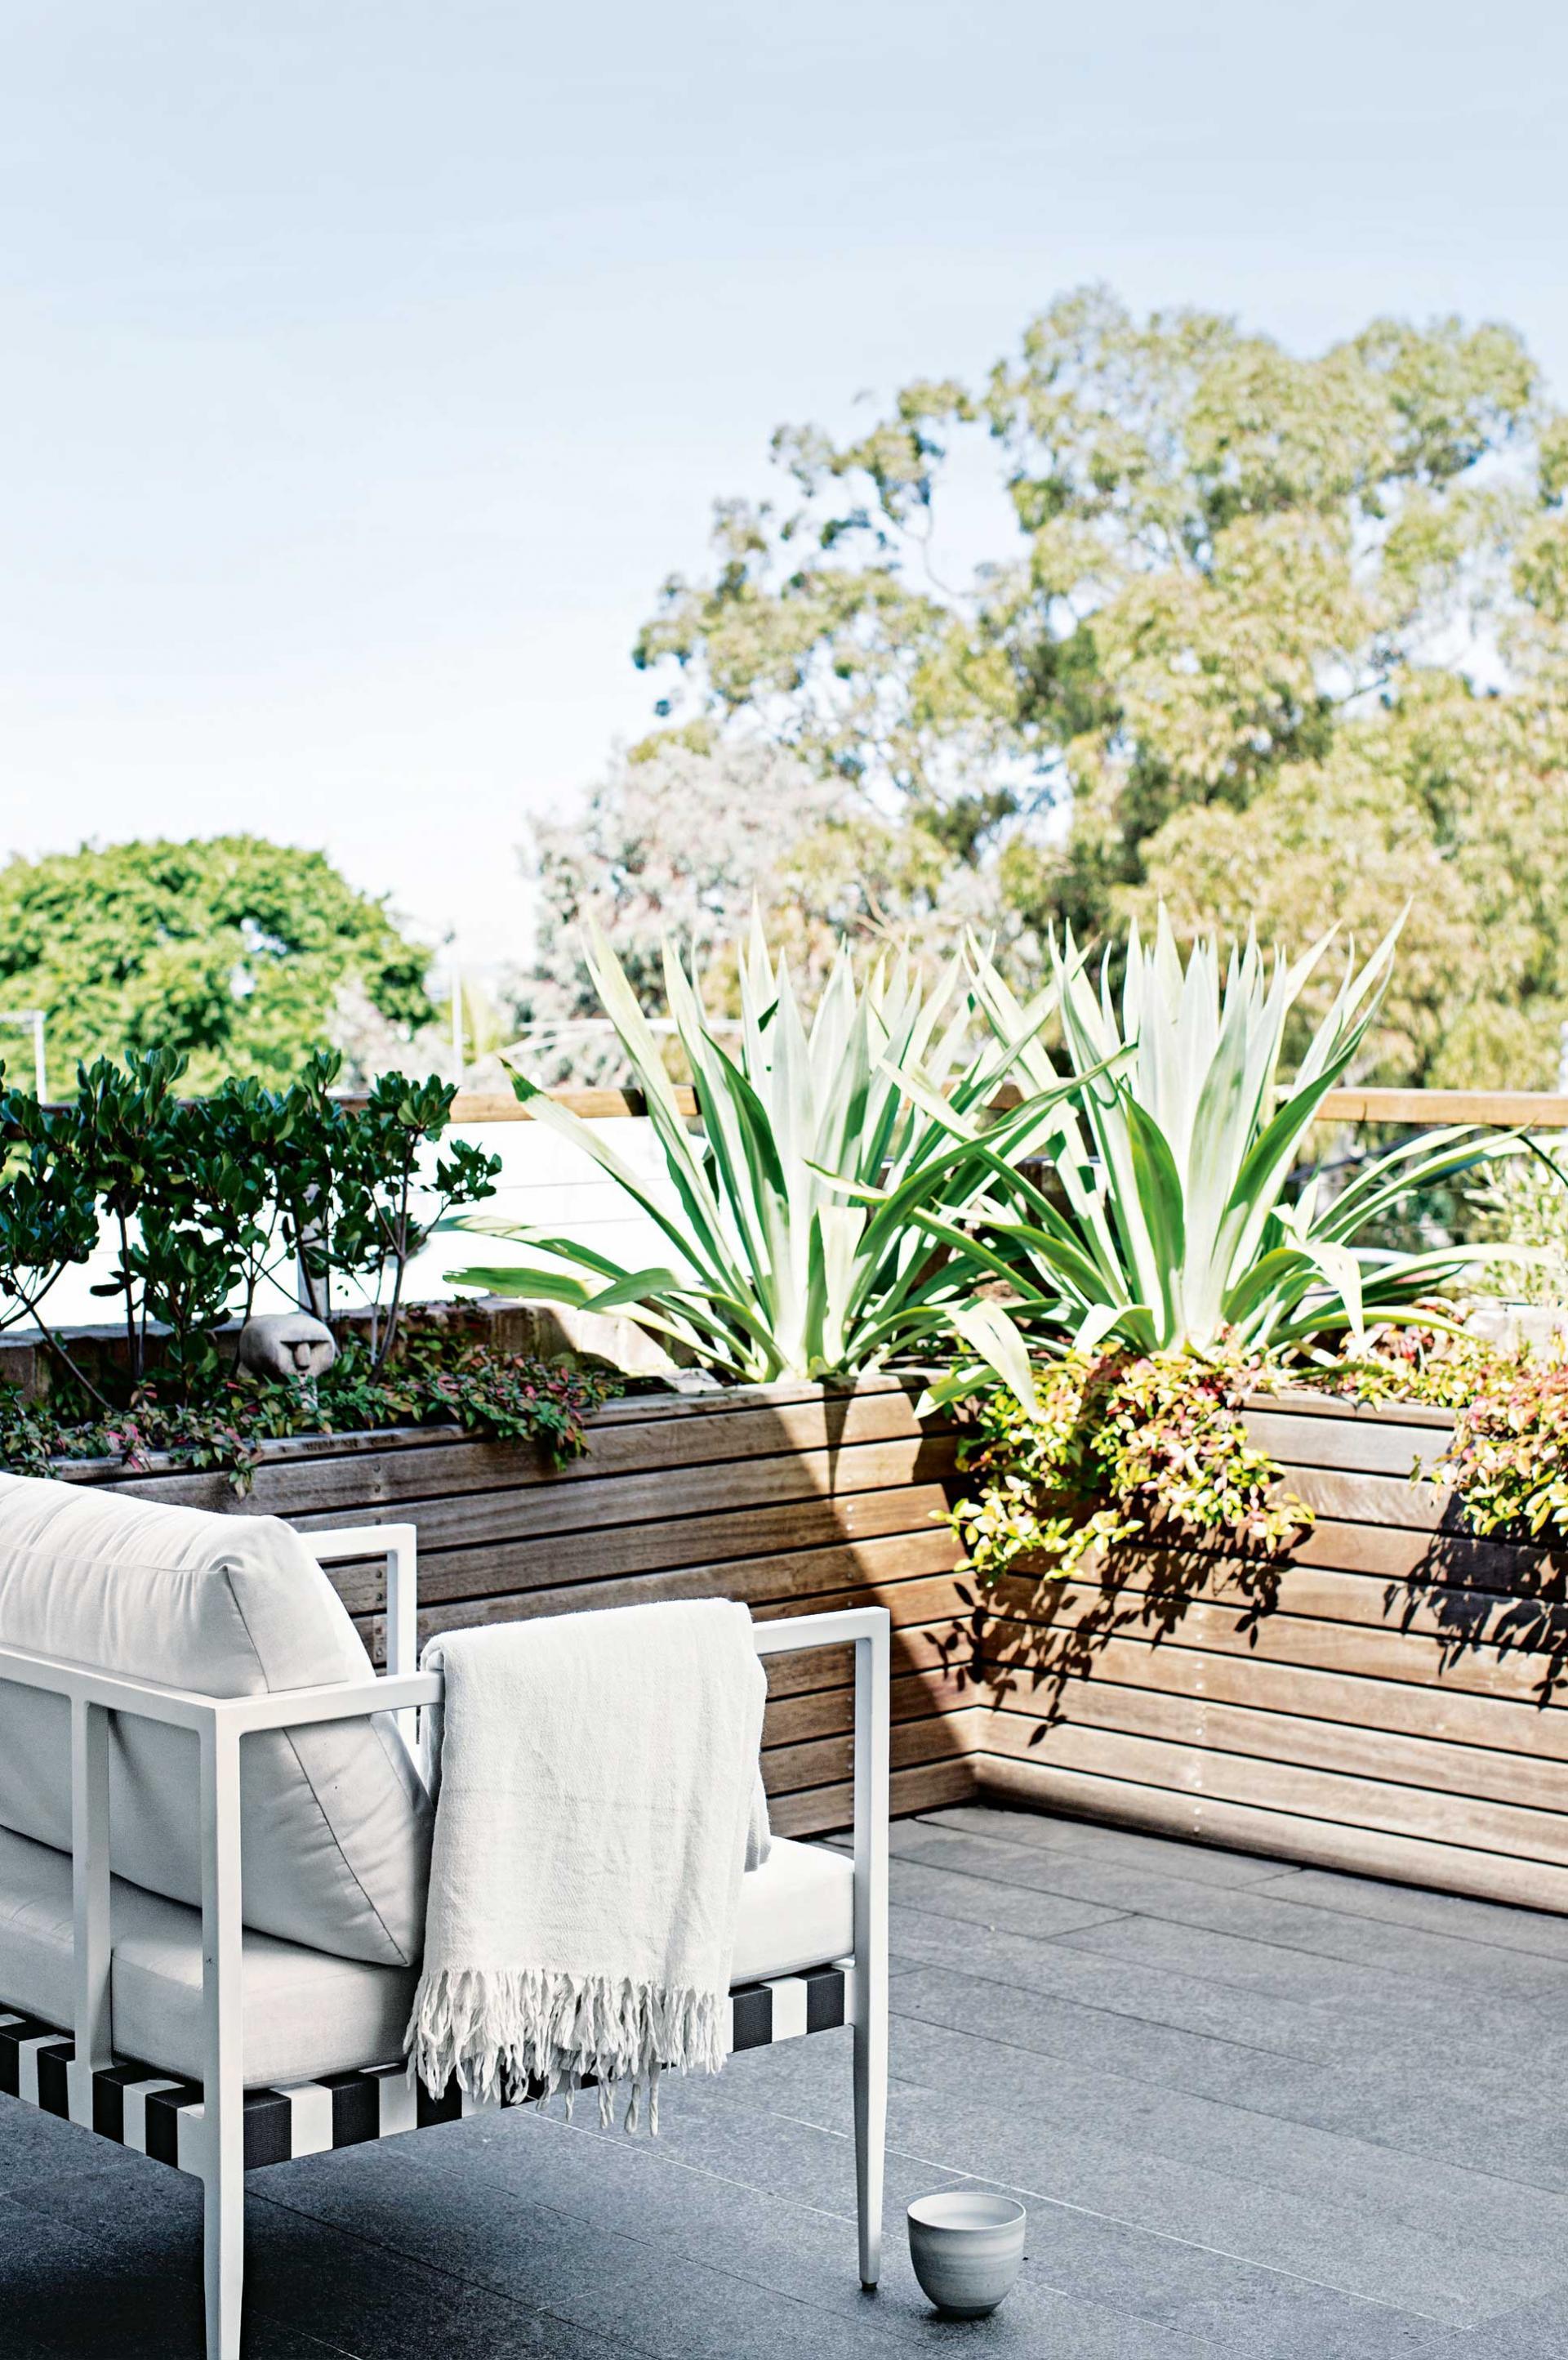 4-dicas-para-aproveitar-bem-o-espaco-de-um-pequeno-jardim